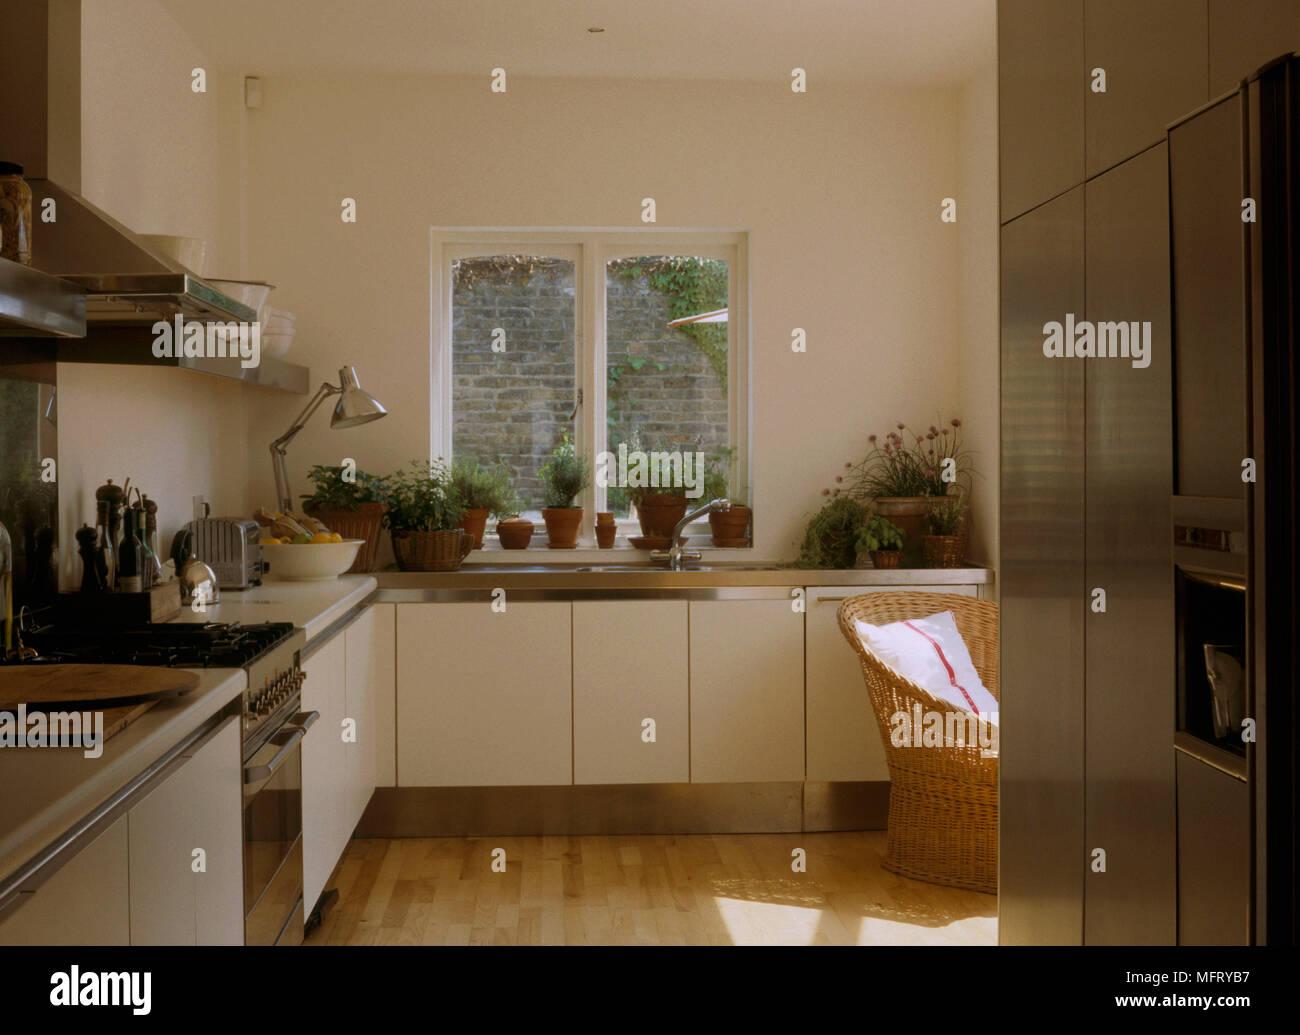 Eine Moderne Kuche Mit Weissen Einheiten Holz Fussboden Fenster